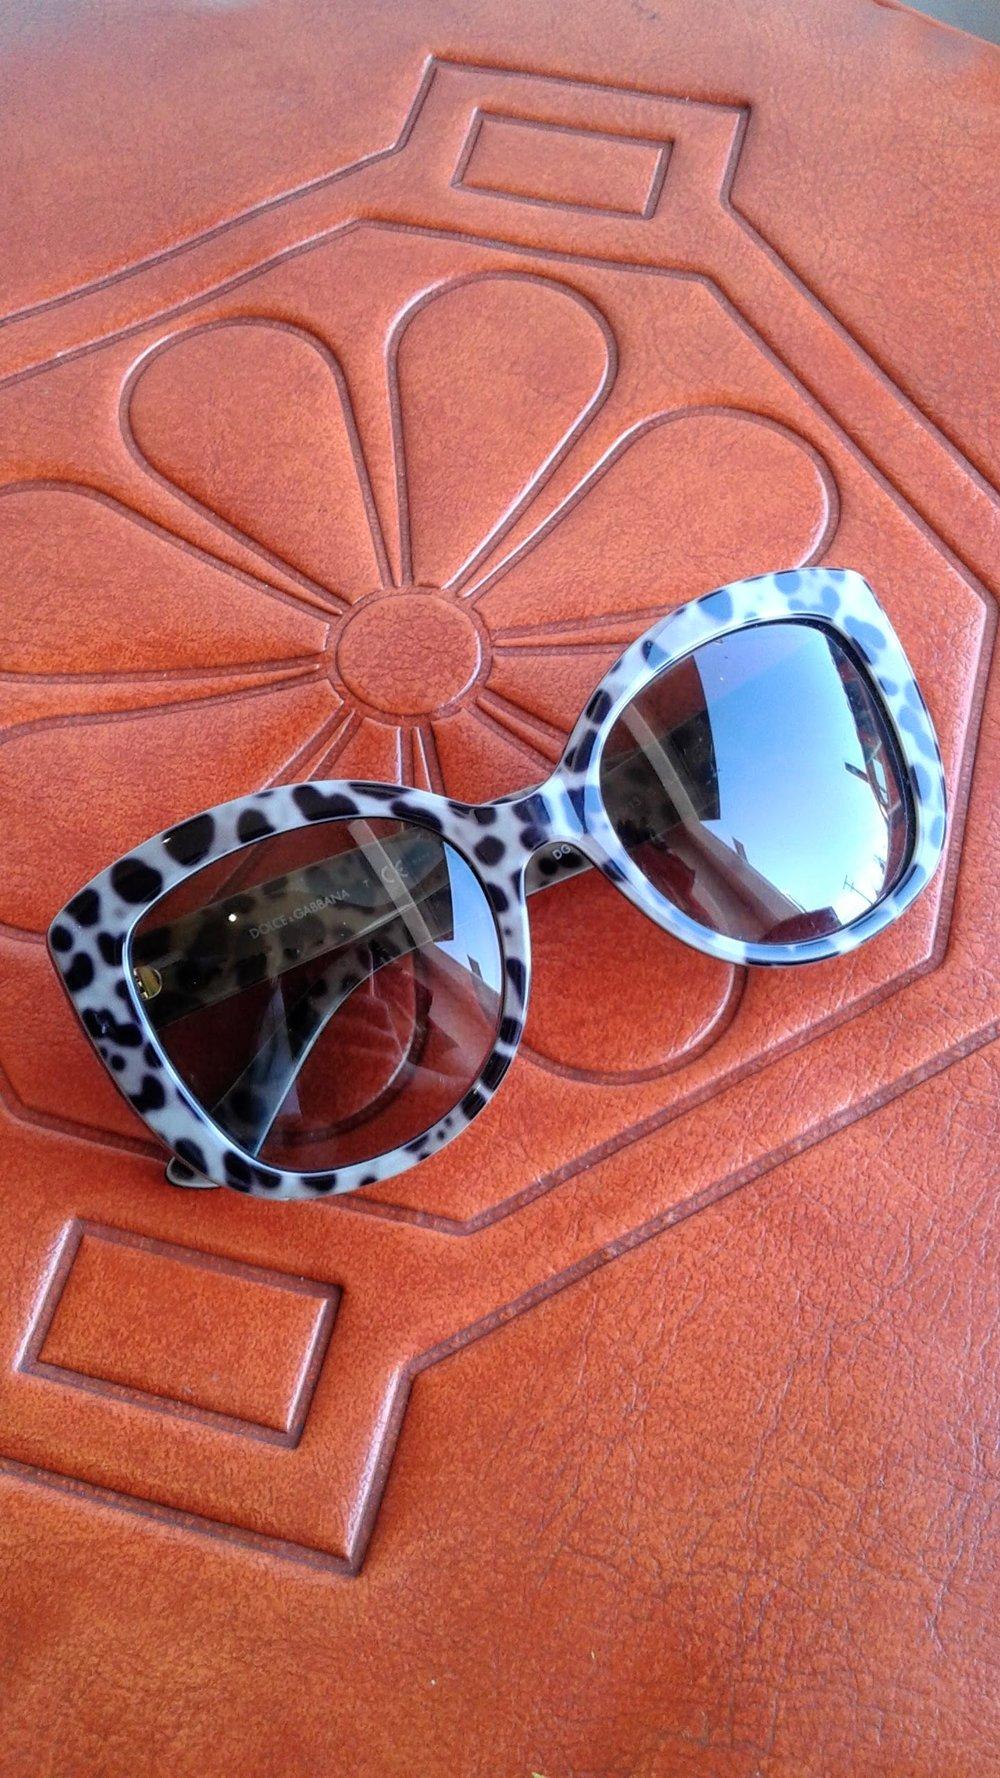 Dolce & Gabbana sunglasses, $45